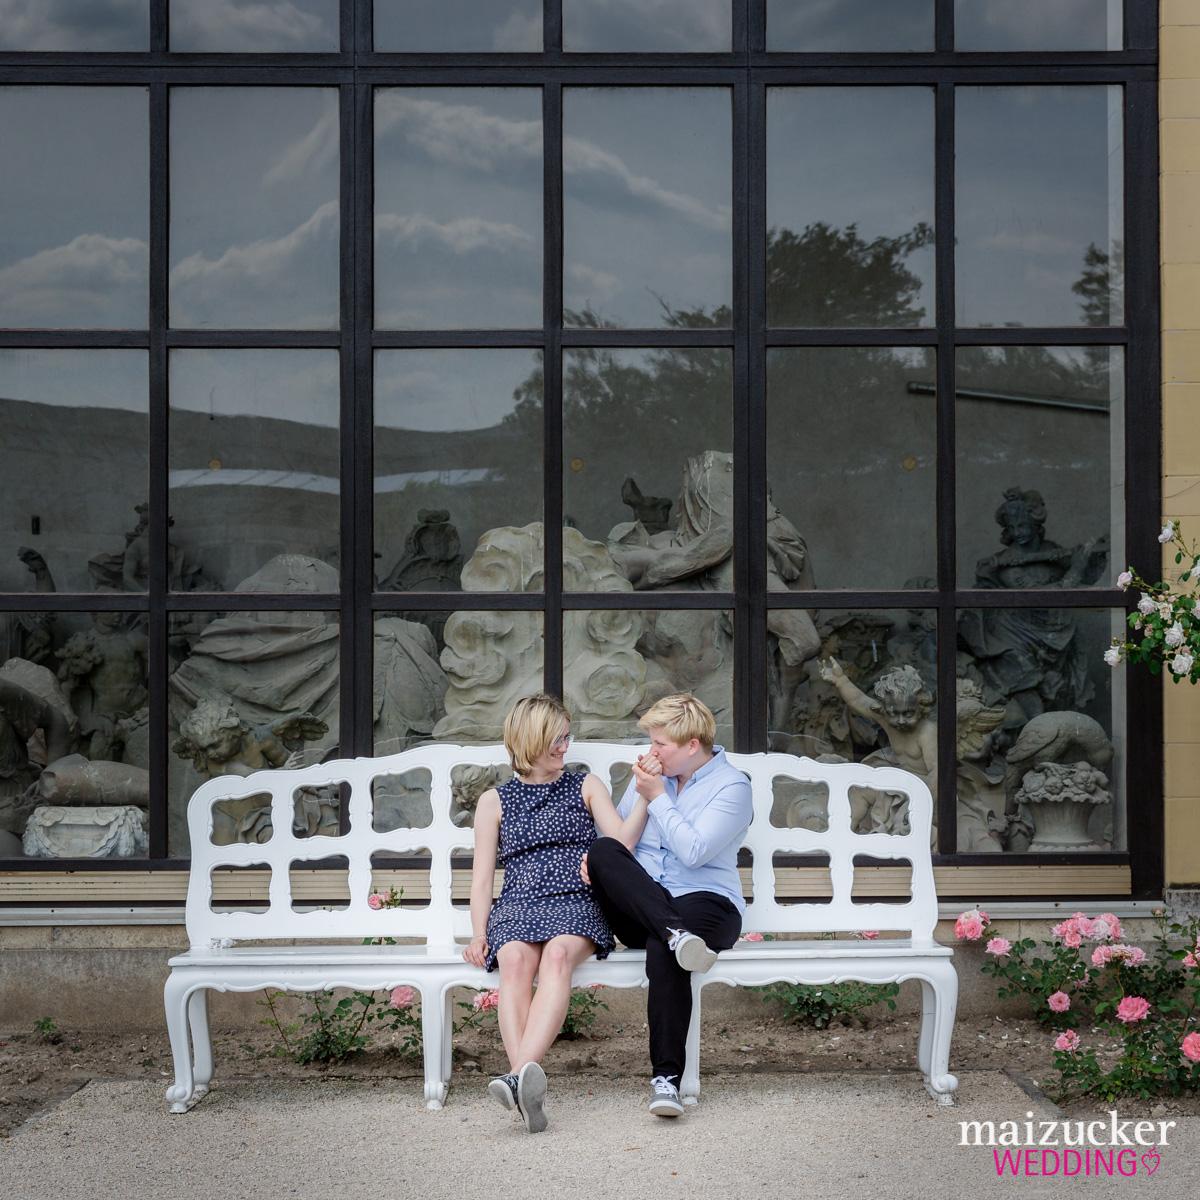 maizuckerwedding, engagement, wuerzburg, gay, queer, lesbisch, residenz würzburg